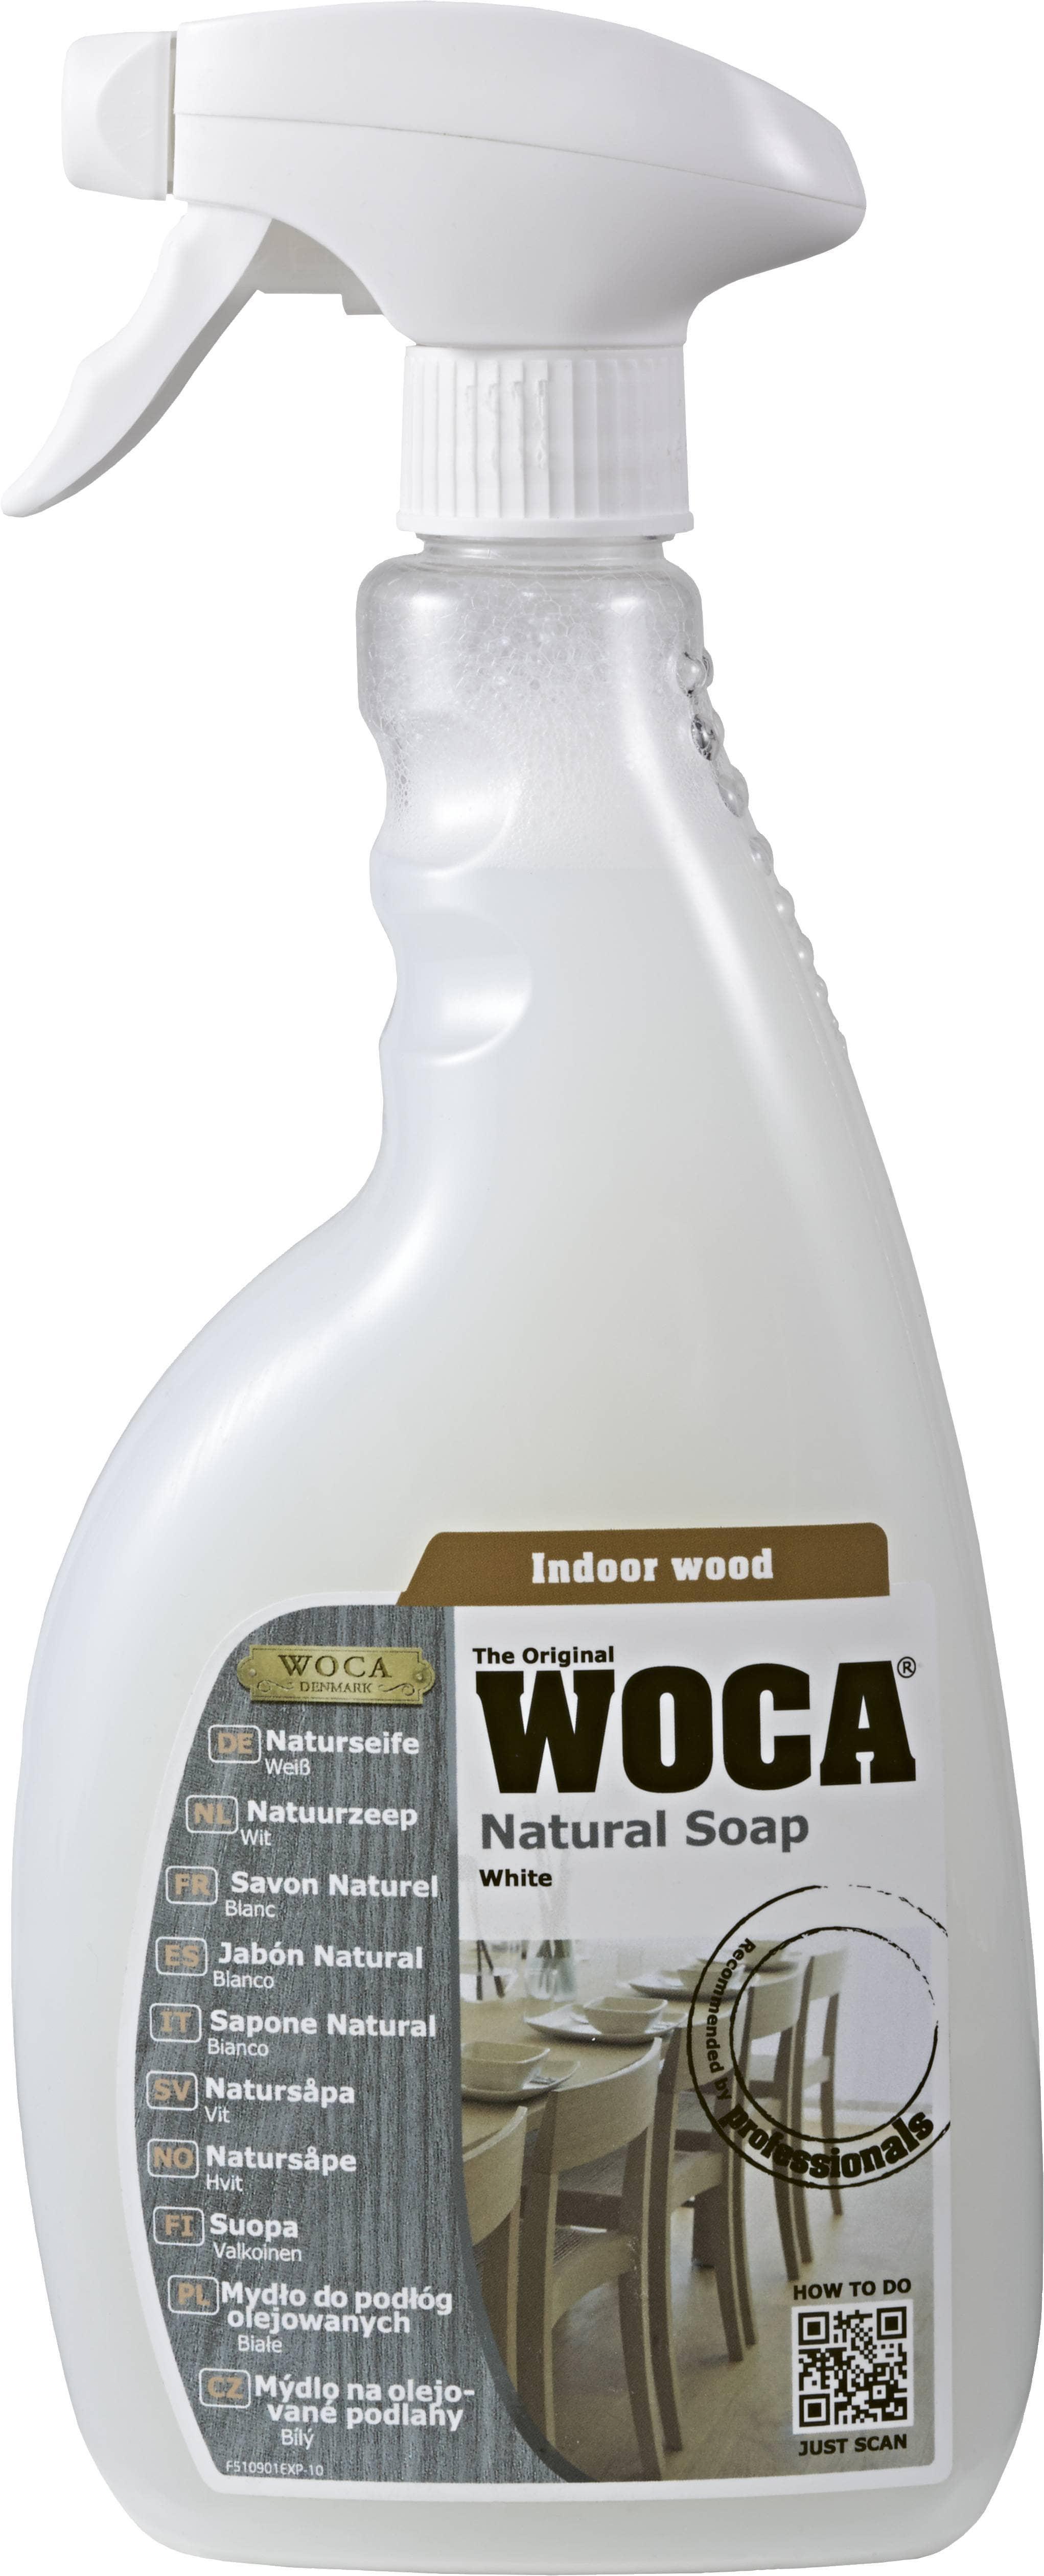 Soap in Spray 0.75 ltr / White Butcher Block Accessories 0